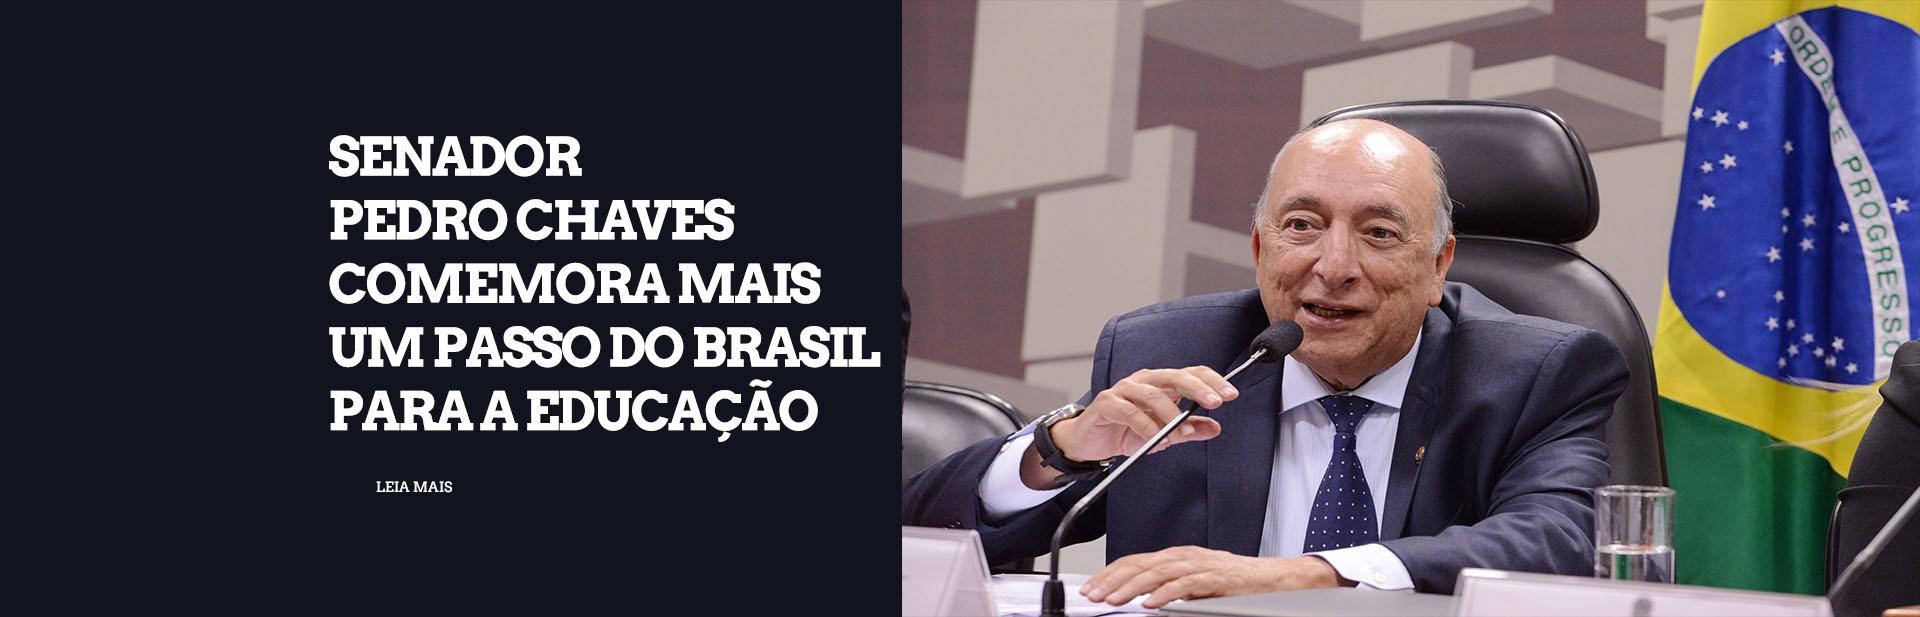 Relator da Reforma do Ensino Médio comemora mais um passo do Brasil para